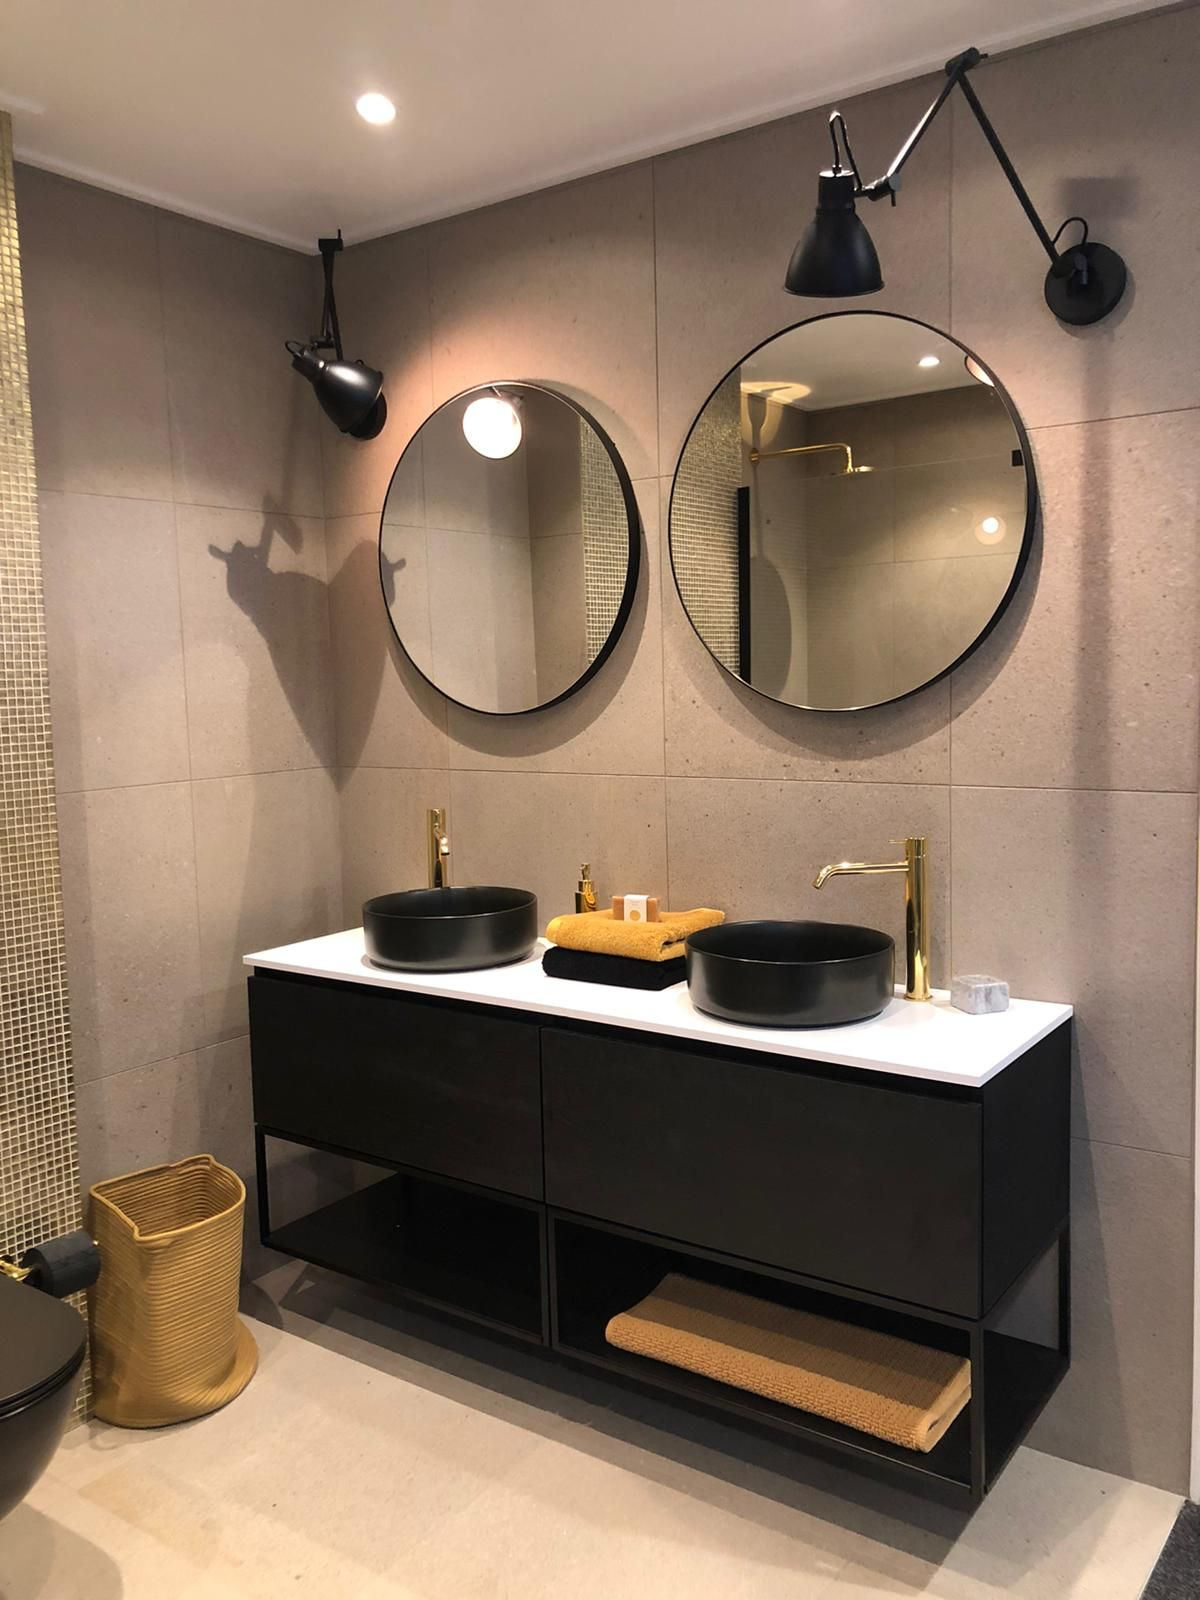 Moderne Badkamer Met Ronde Spiegels En Ronde Zwarte Waskommen Badkamer Dubbele Wastafel Badkamer Badkamer Modern